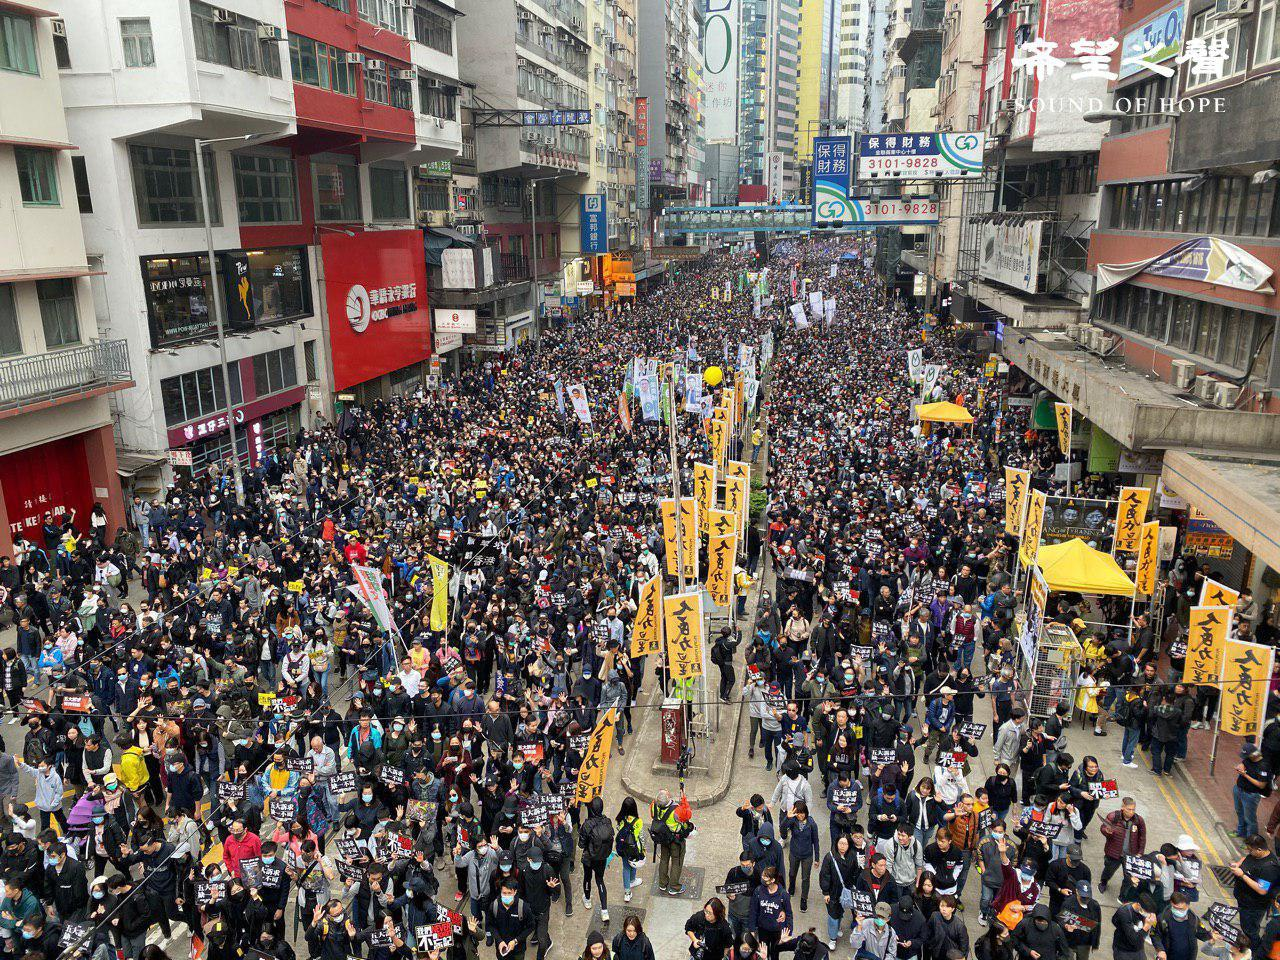 2020年1月1日,民阵举办元旦大游行。游行市民挤爆铜锣湾。(郑铭/SOH)